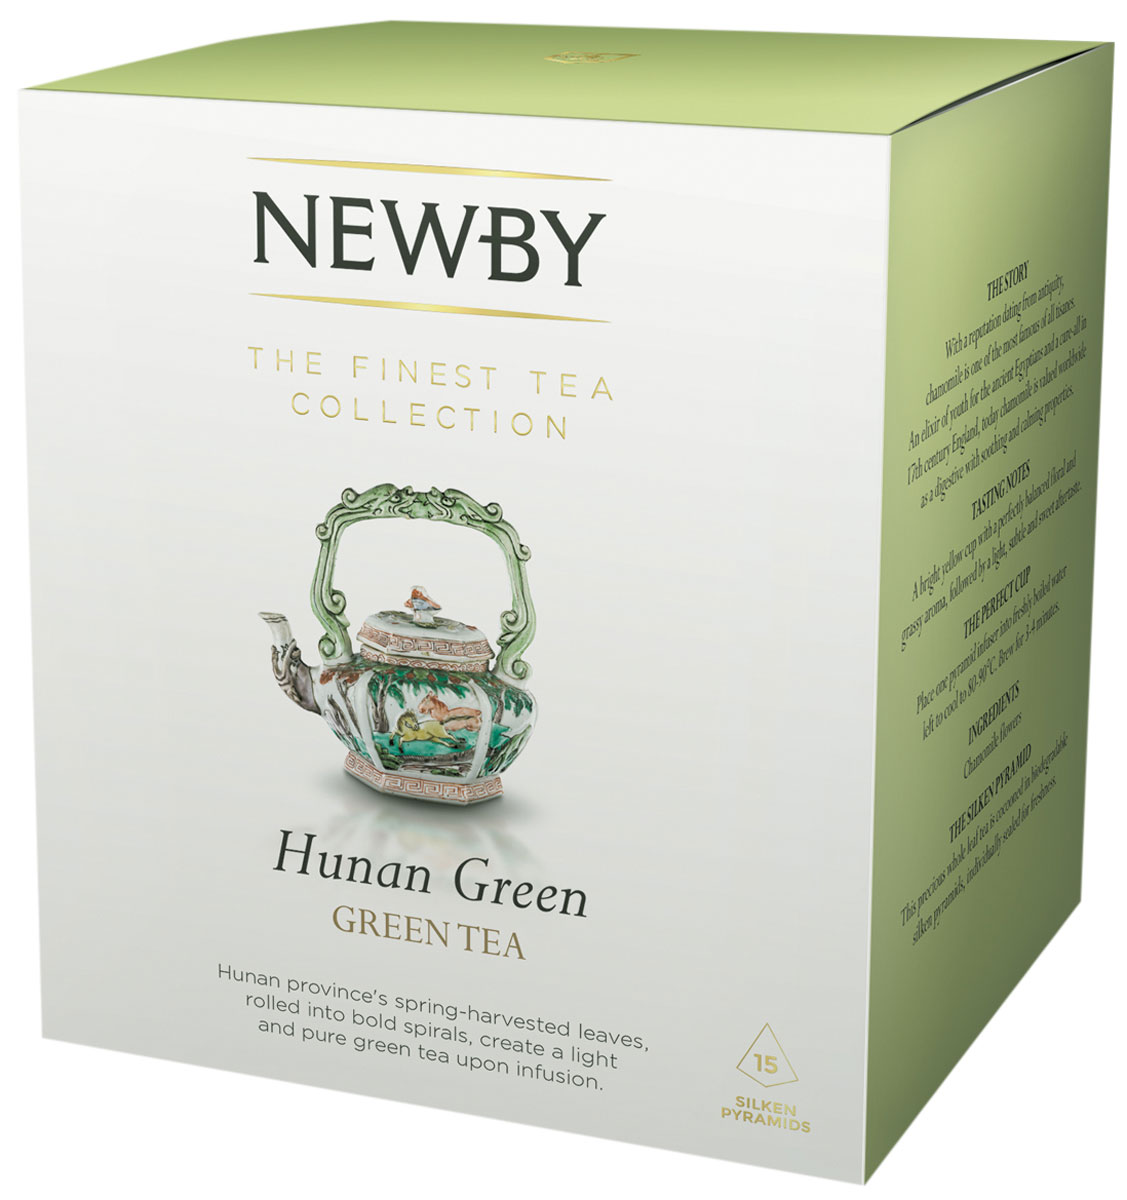 Newby Hunan Green зеленый чай в пирамидках, 15 шт майский корона российской империи черный чай в пирамидках 20 шт